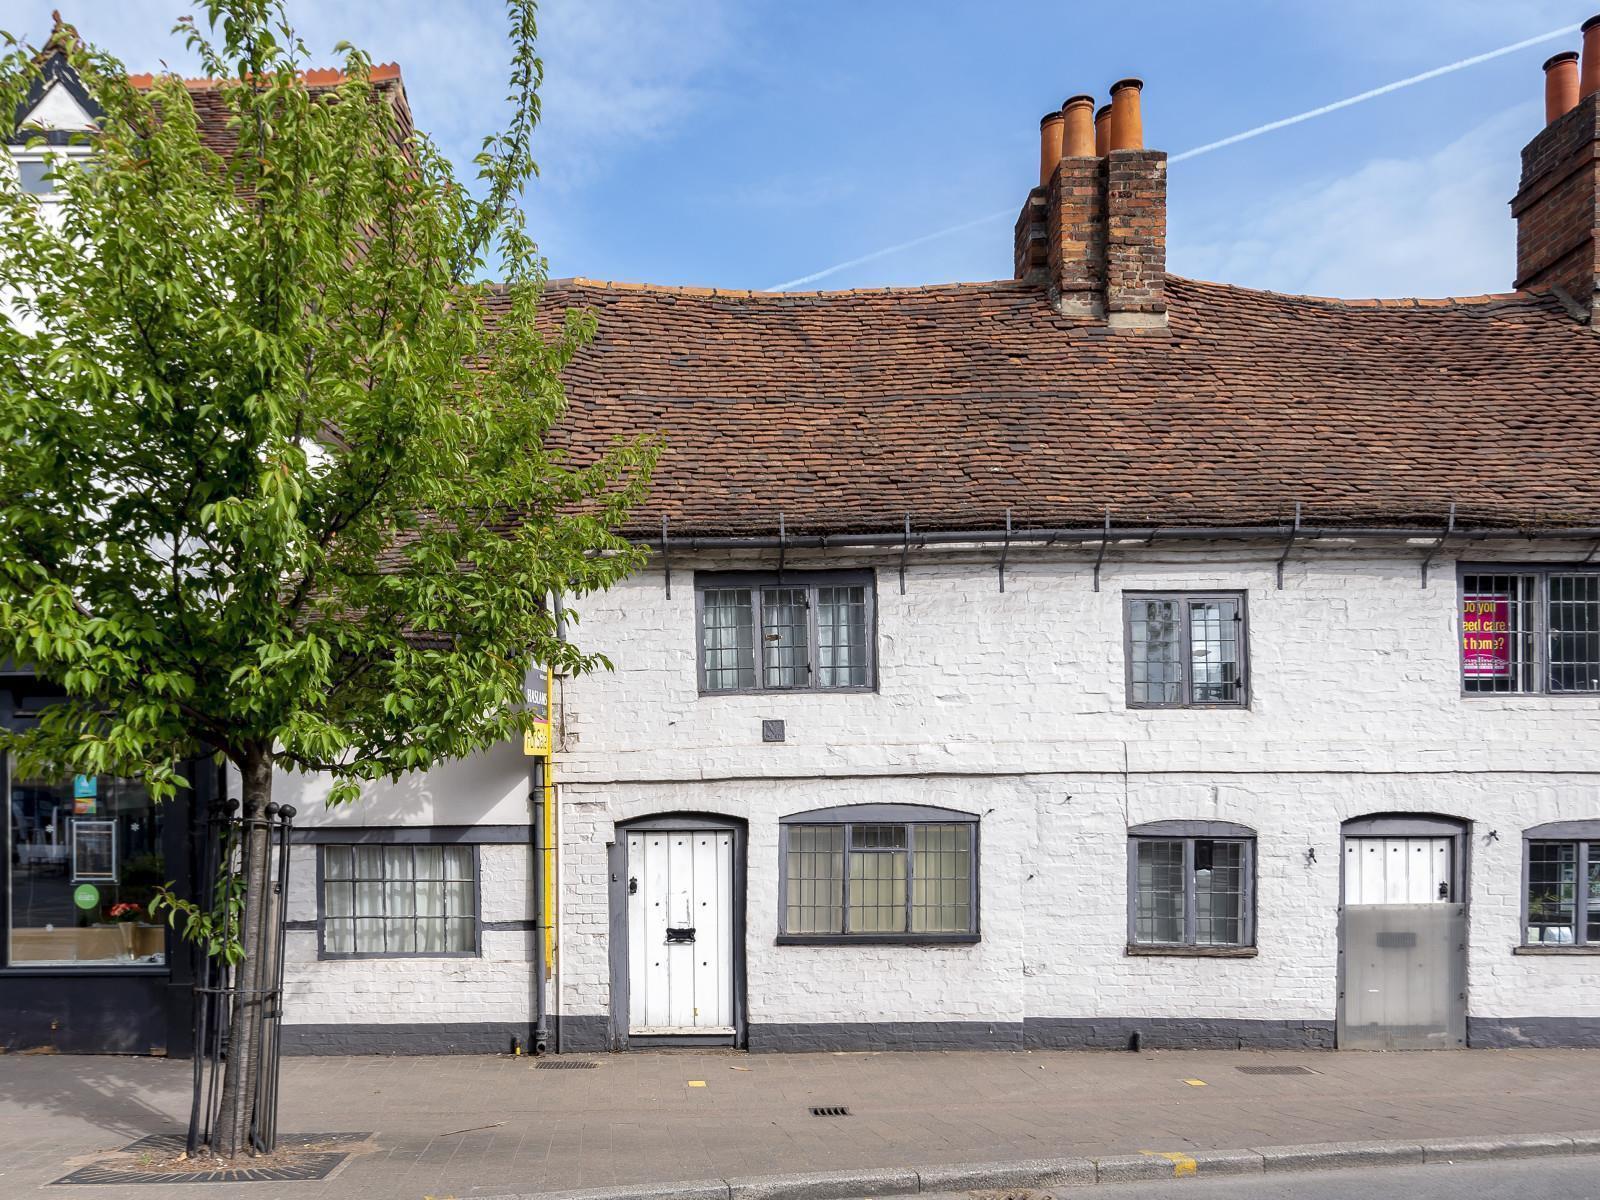 Church Street, Caversham, Reading, RG4 8AT